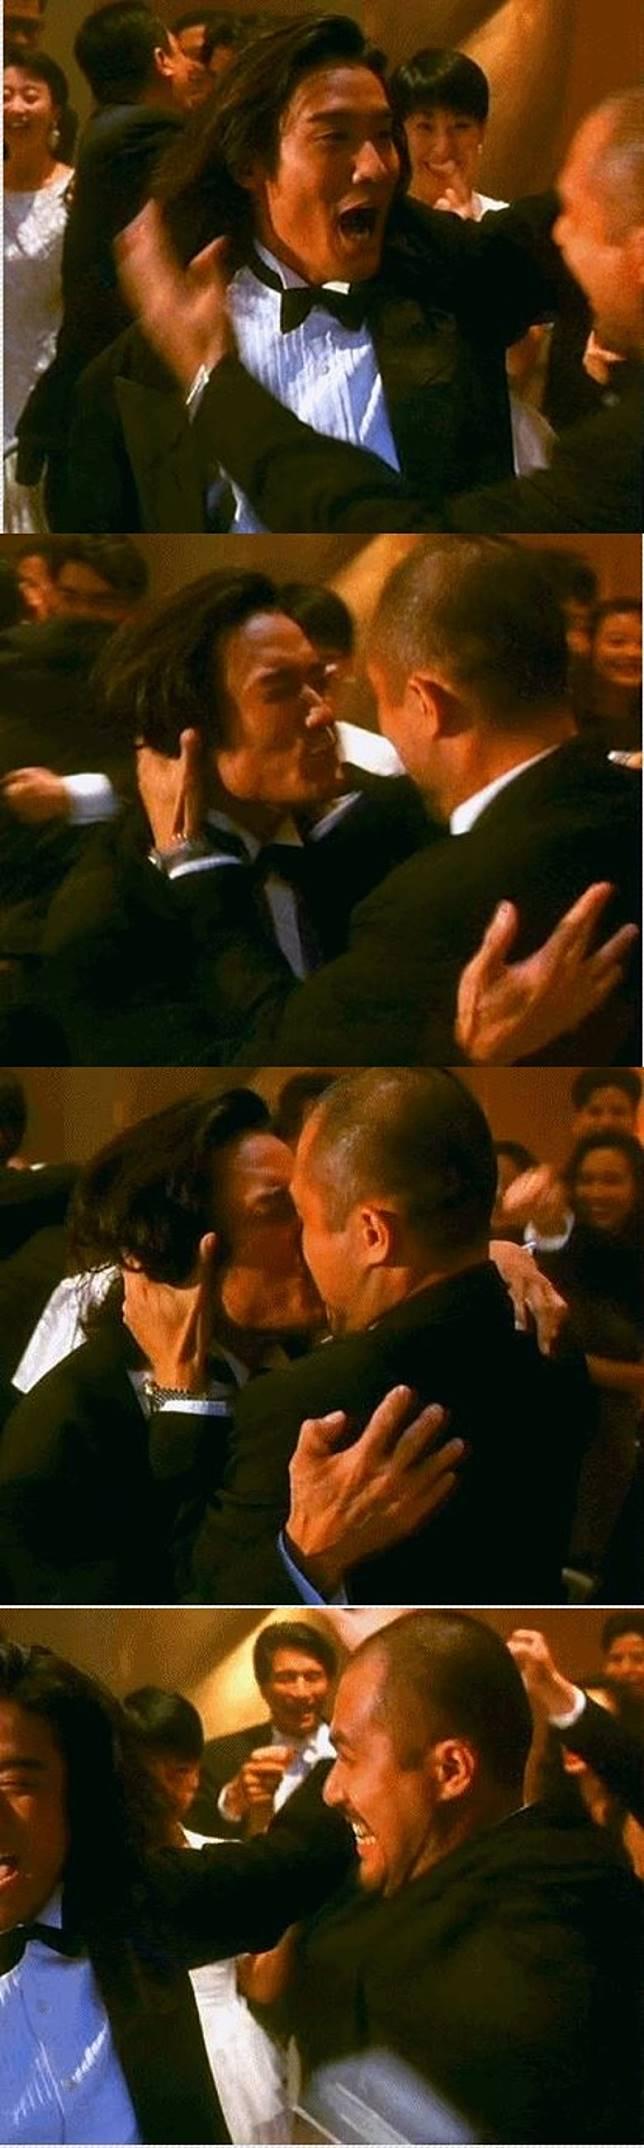 梁家輝與徐錦江在電影《賭神2》中的激吻戲令觀眾留下深刻印象。